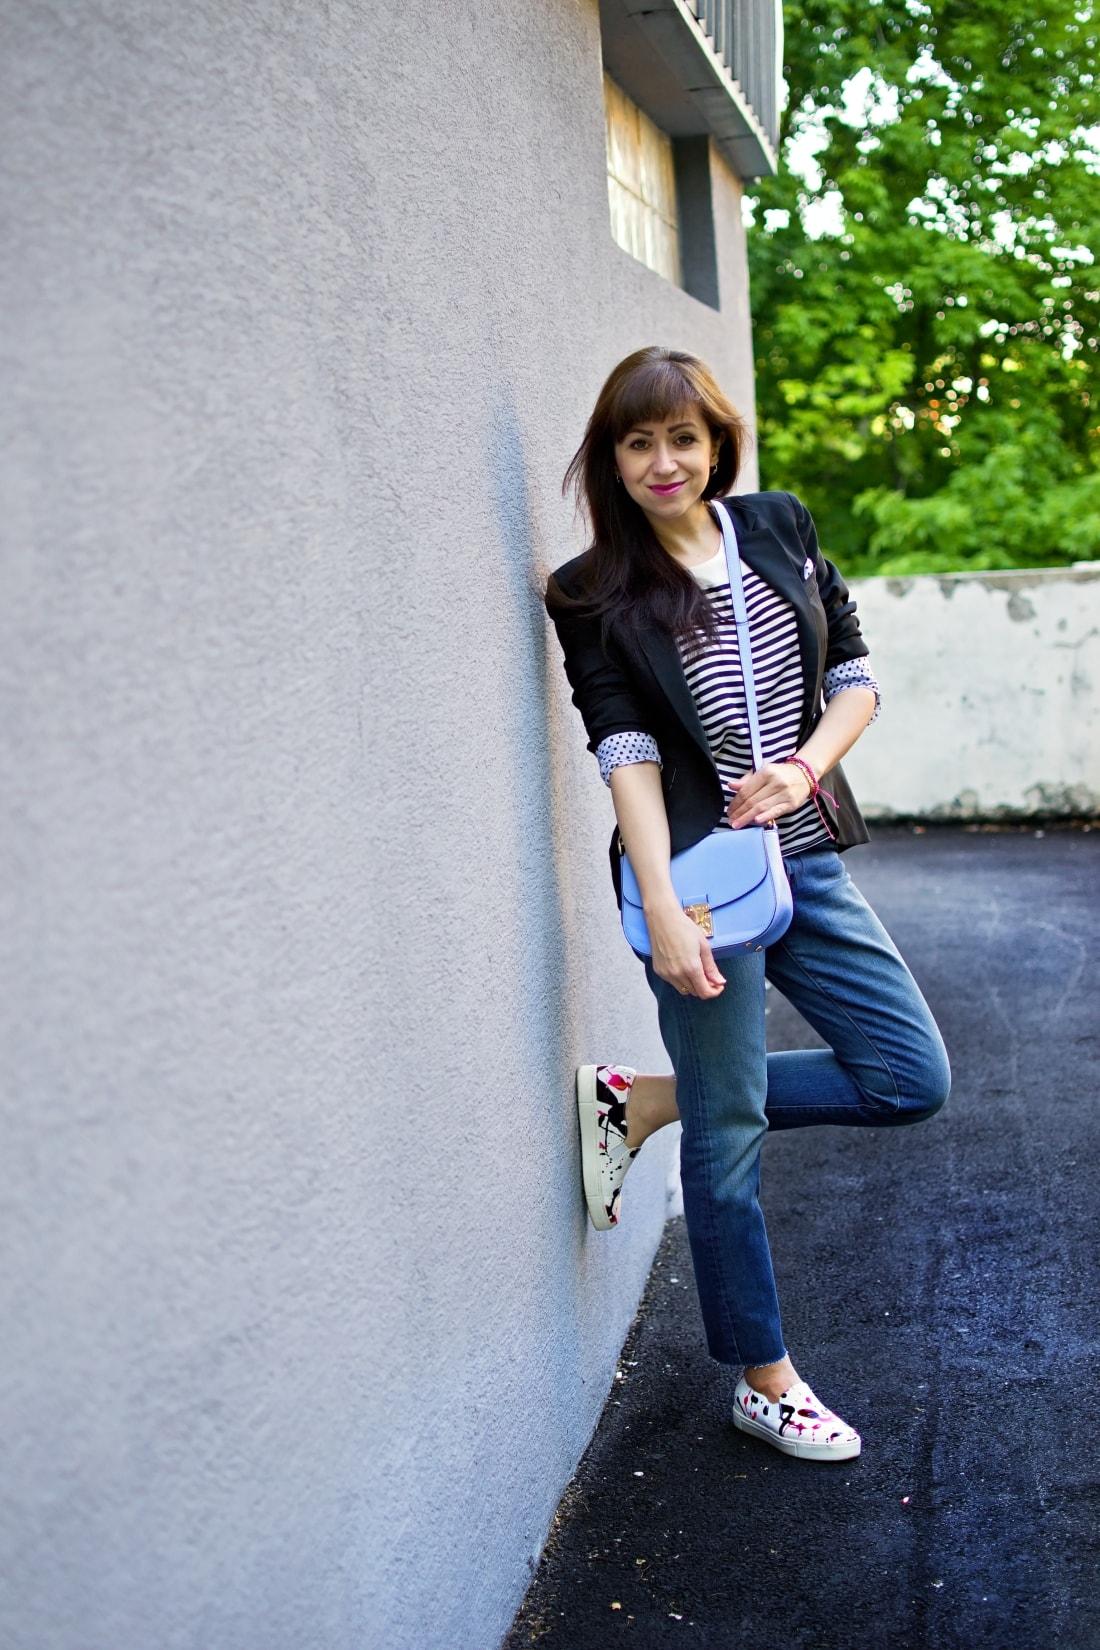 Mix vzorov_Katharine-fashion is beautiful blog 7_Levis_Pásiky_Prúžky_Dots_Bodky_Stripes_Katarína Jakubčová_Fashion blogger